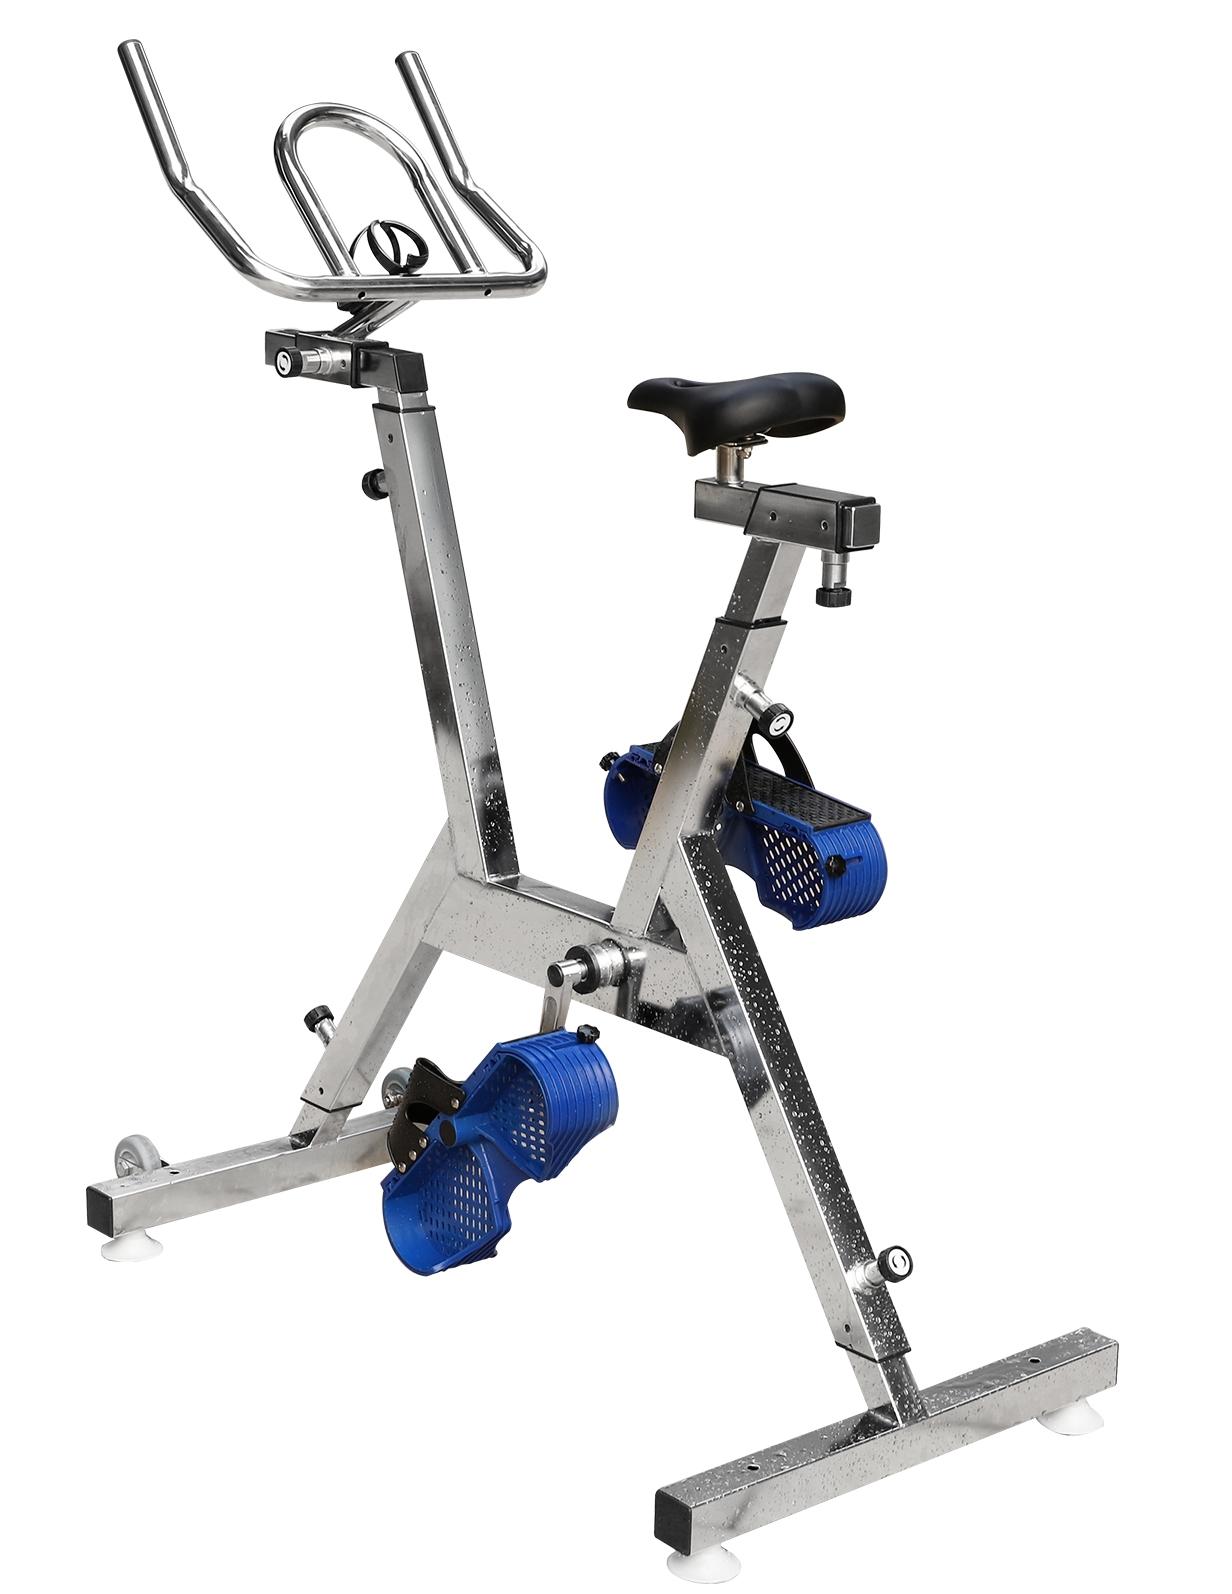 WCAQ - U01  Aqua theraphy bike